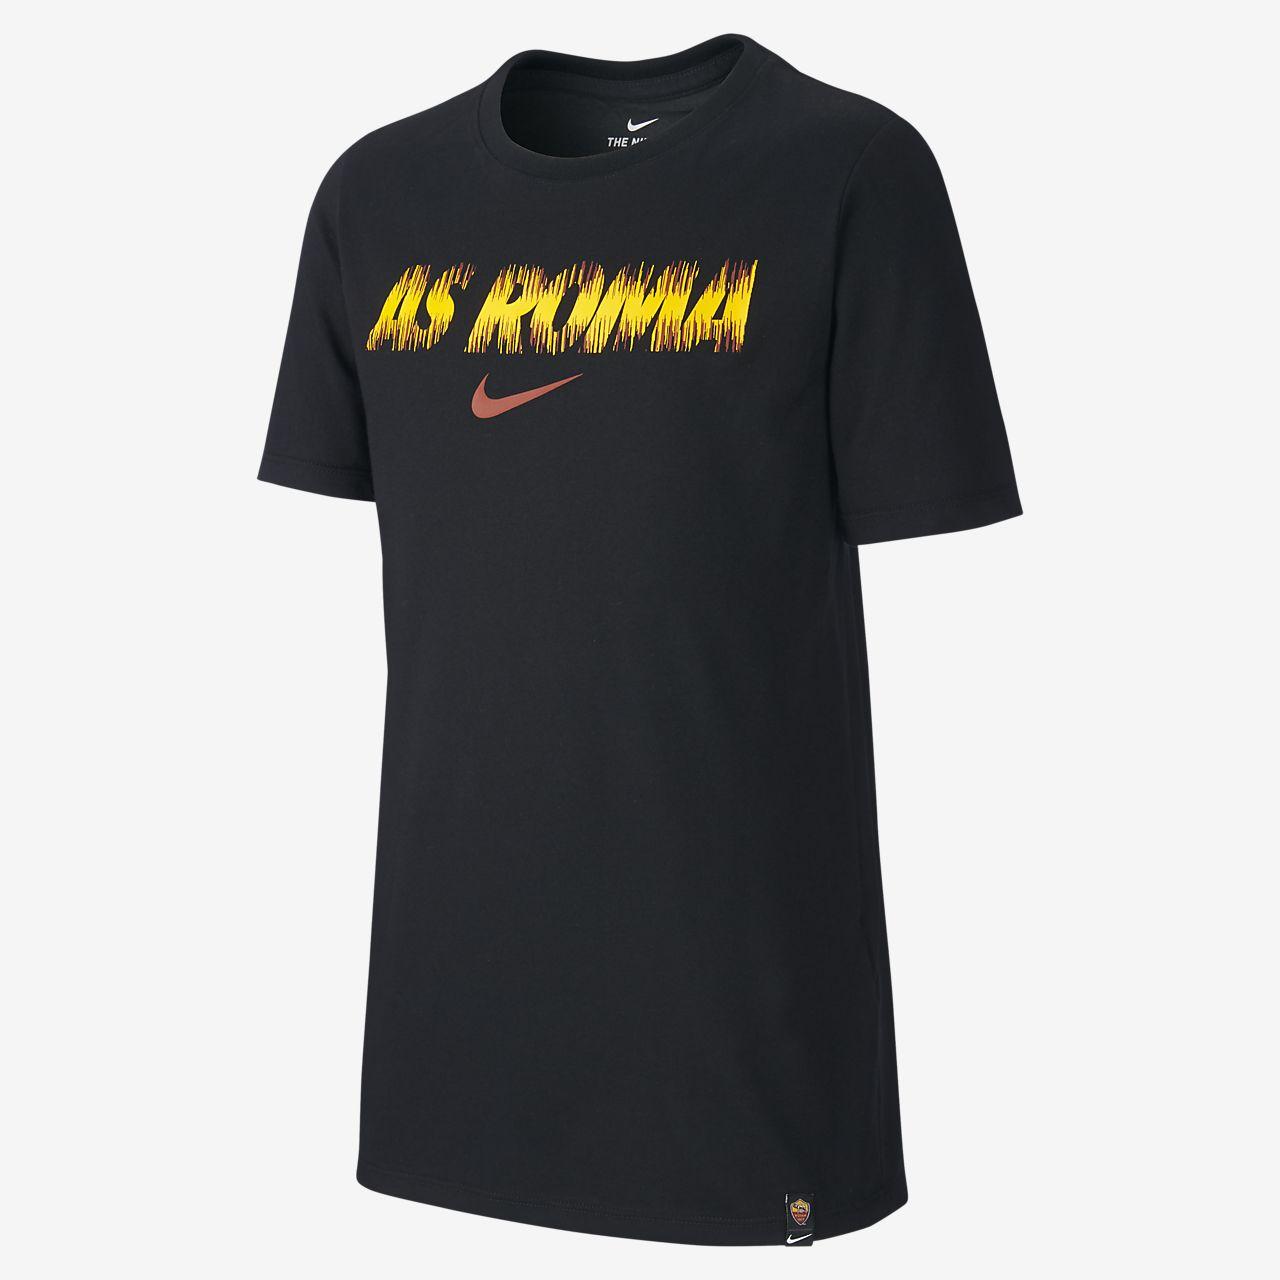 Fotbalové tričko Nike Dri-FIT A.S. Roma pro větší děti